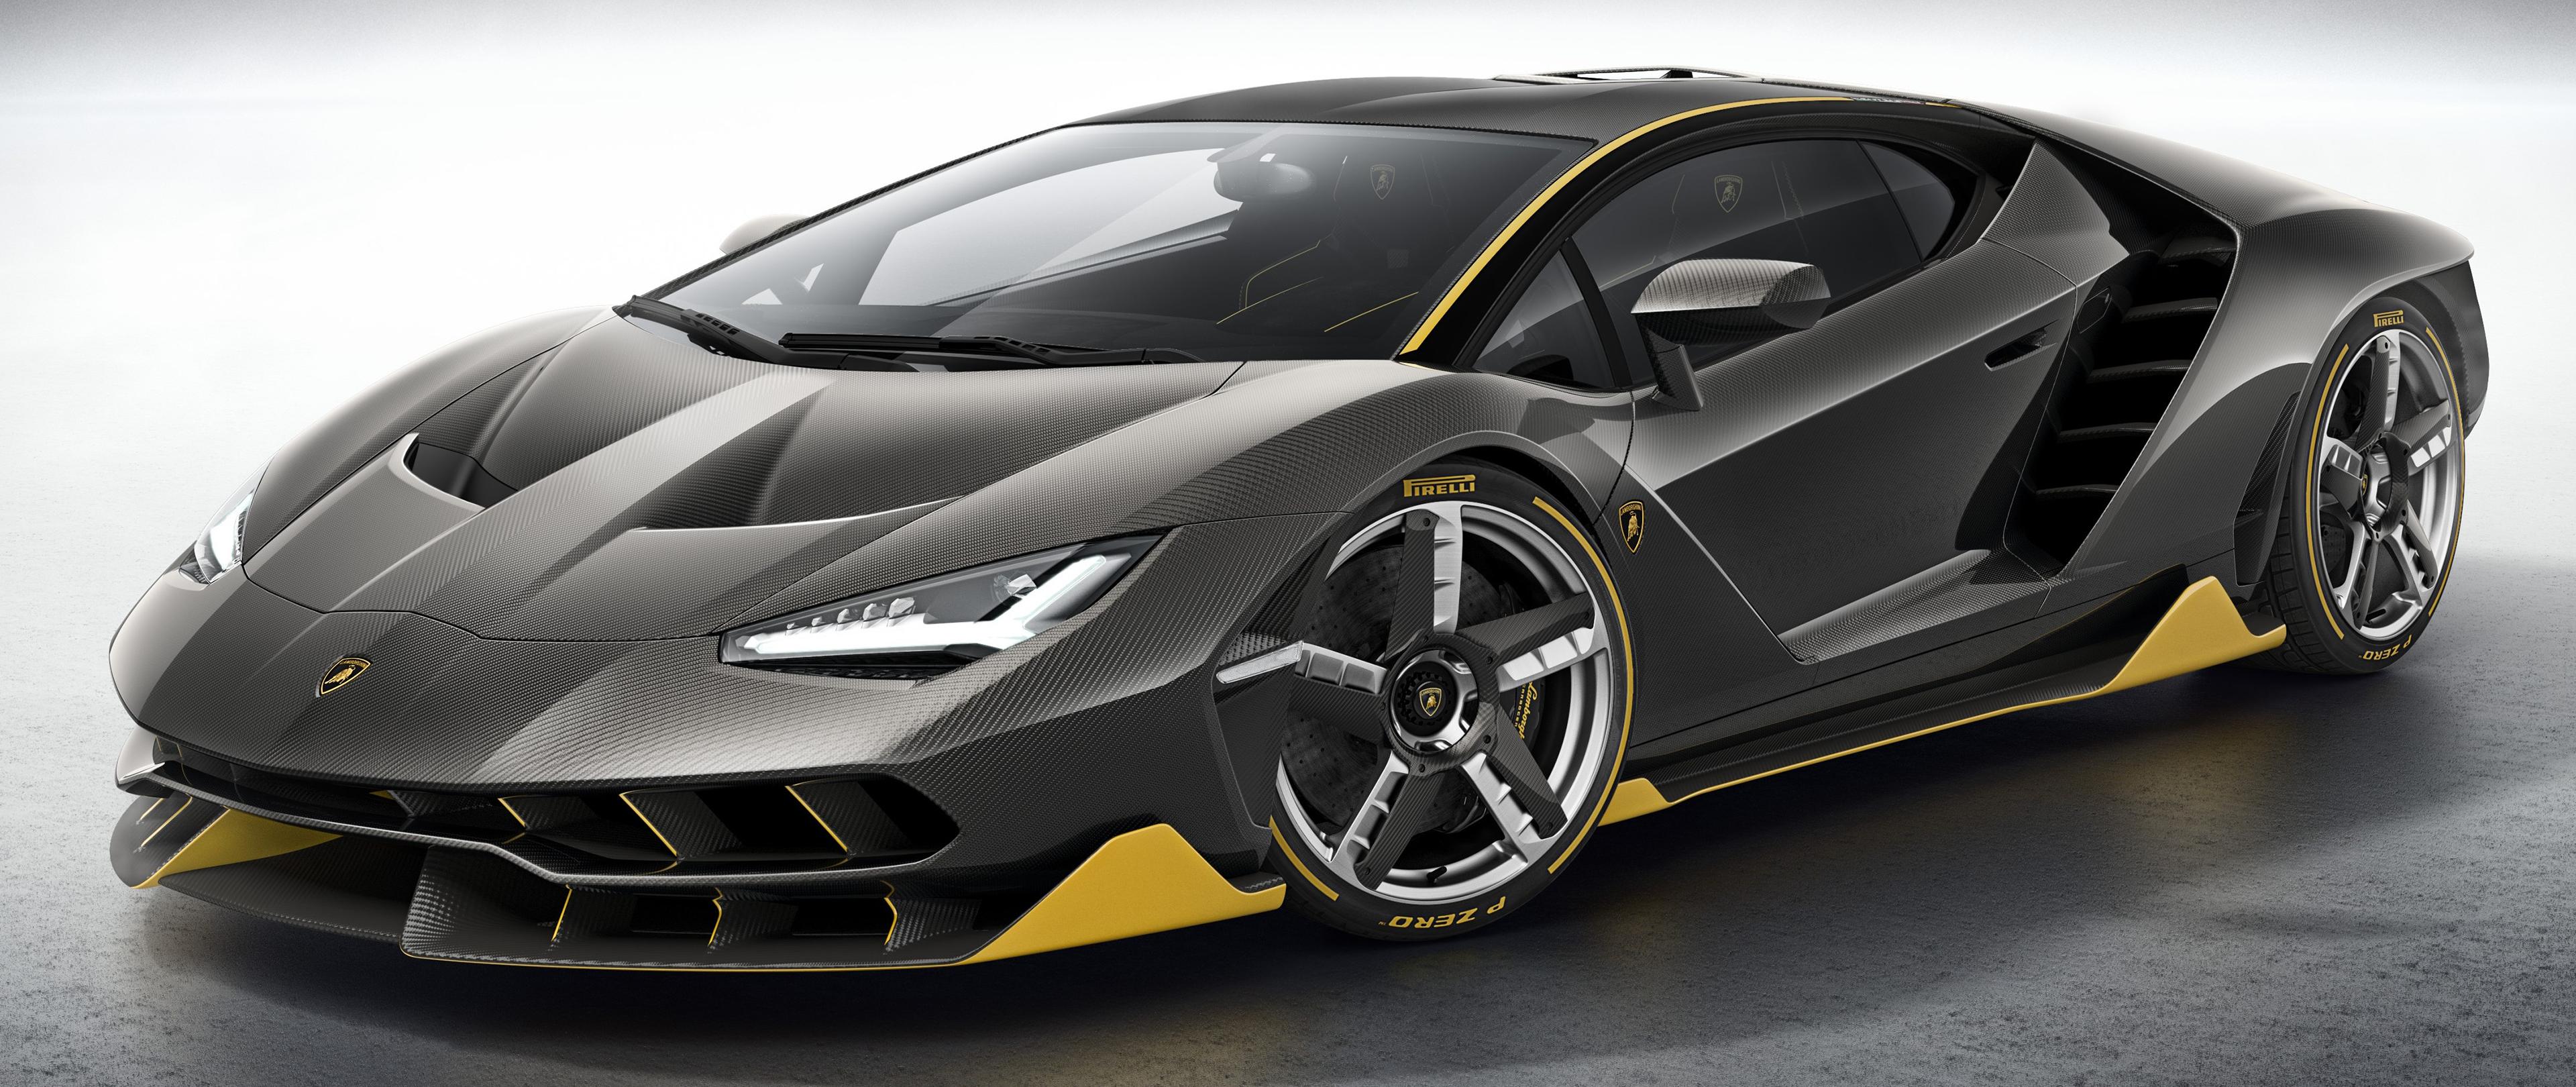 Llega El Lamborghini Centenario Con Un Motor De 770 Hp